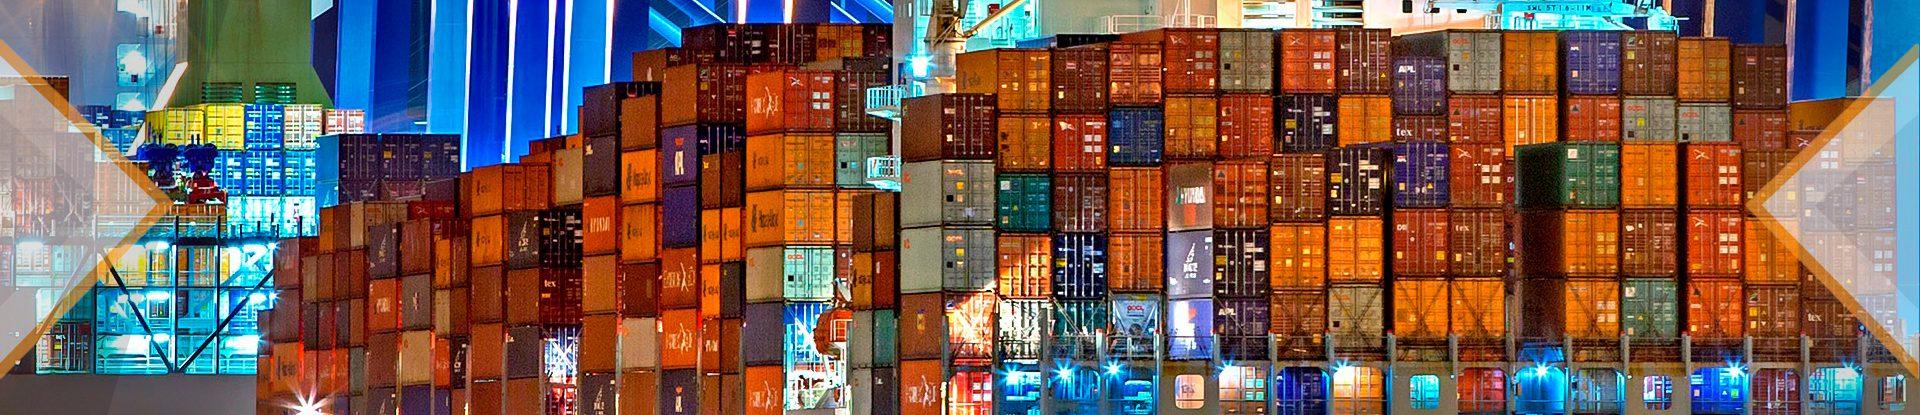 El pedimento de importación en la maquinaria y su importancia.